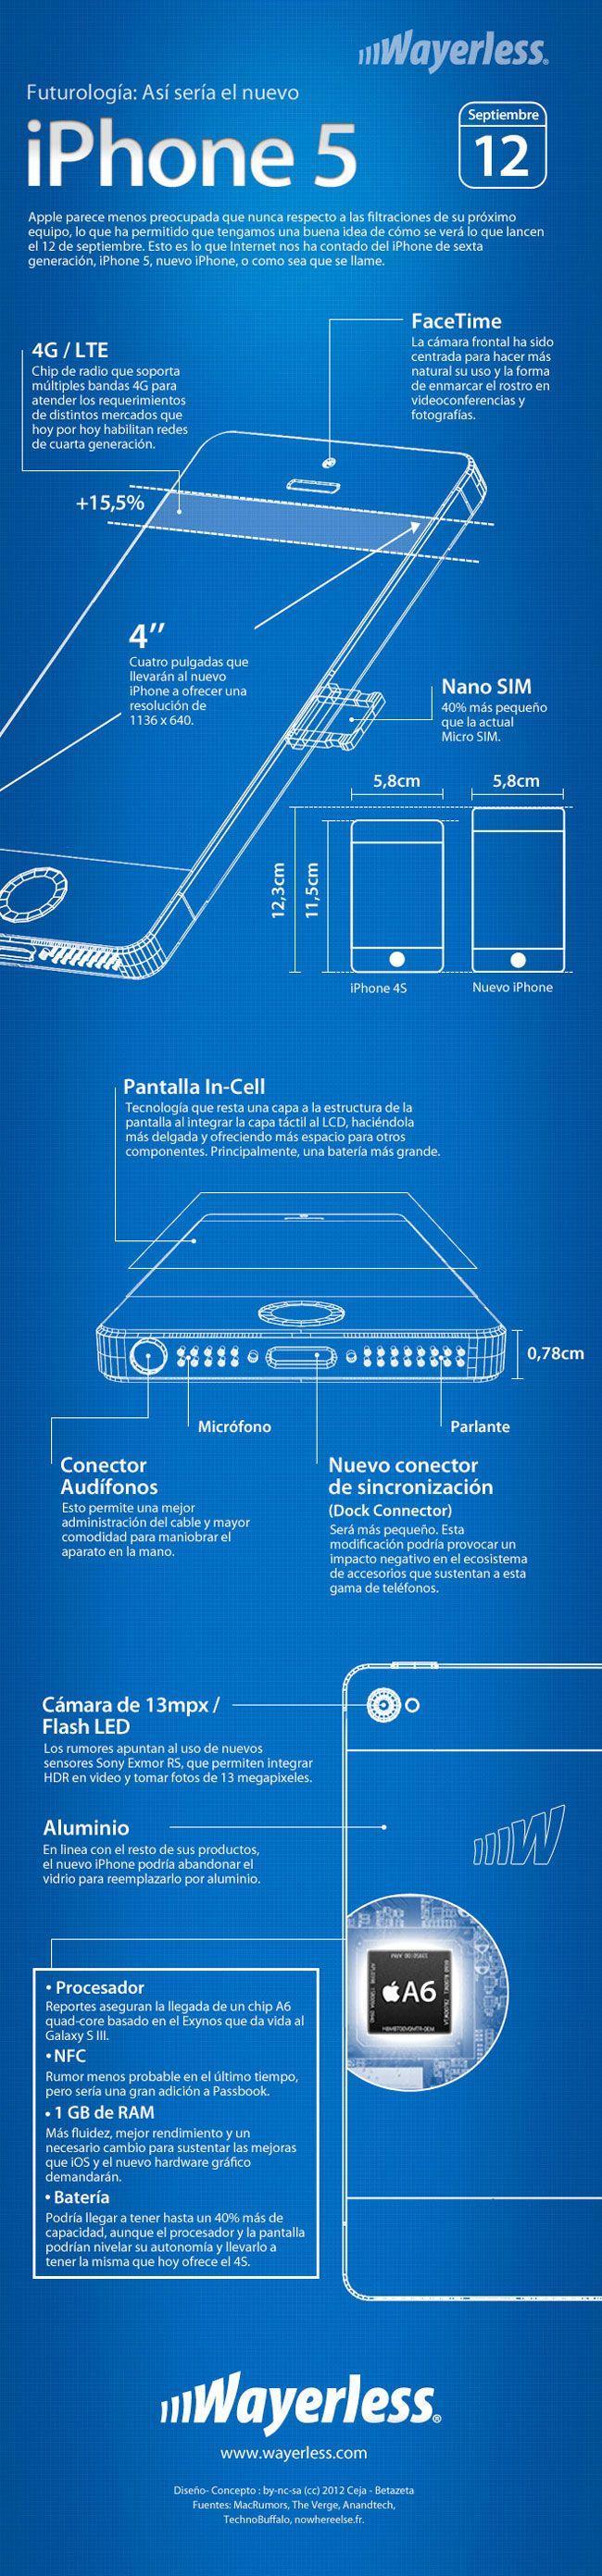 iPhone 5: sus posibles características recogidas en una infografía. #iPhone #Tecnologia #Futurologia #Tendencias